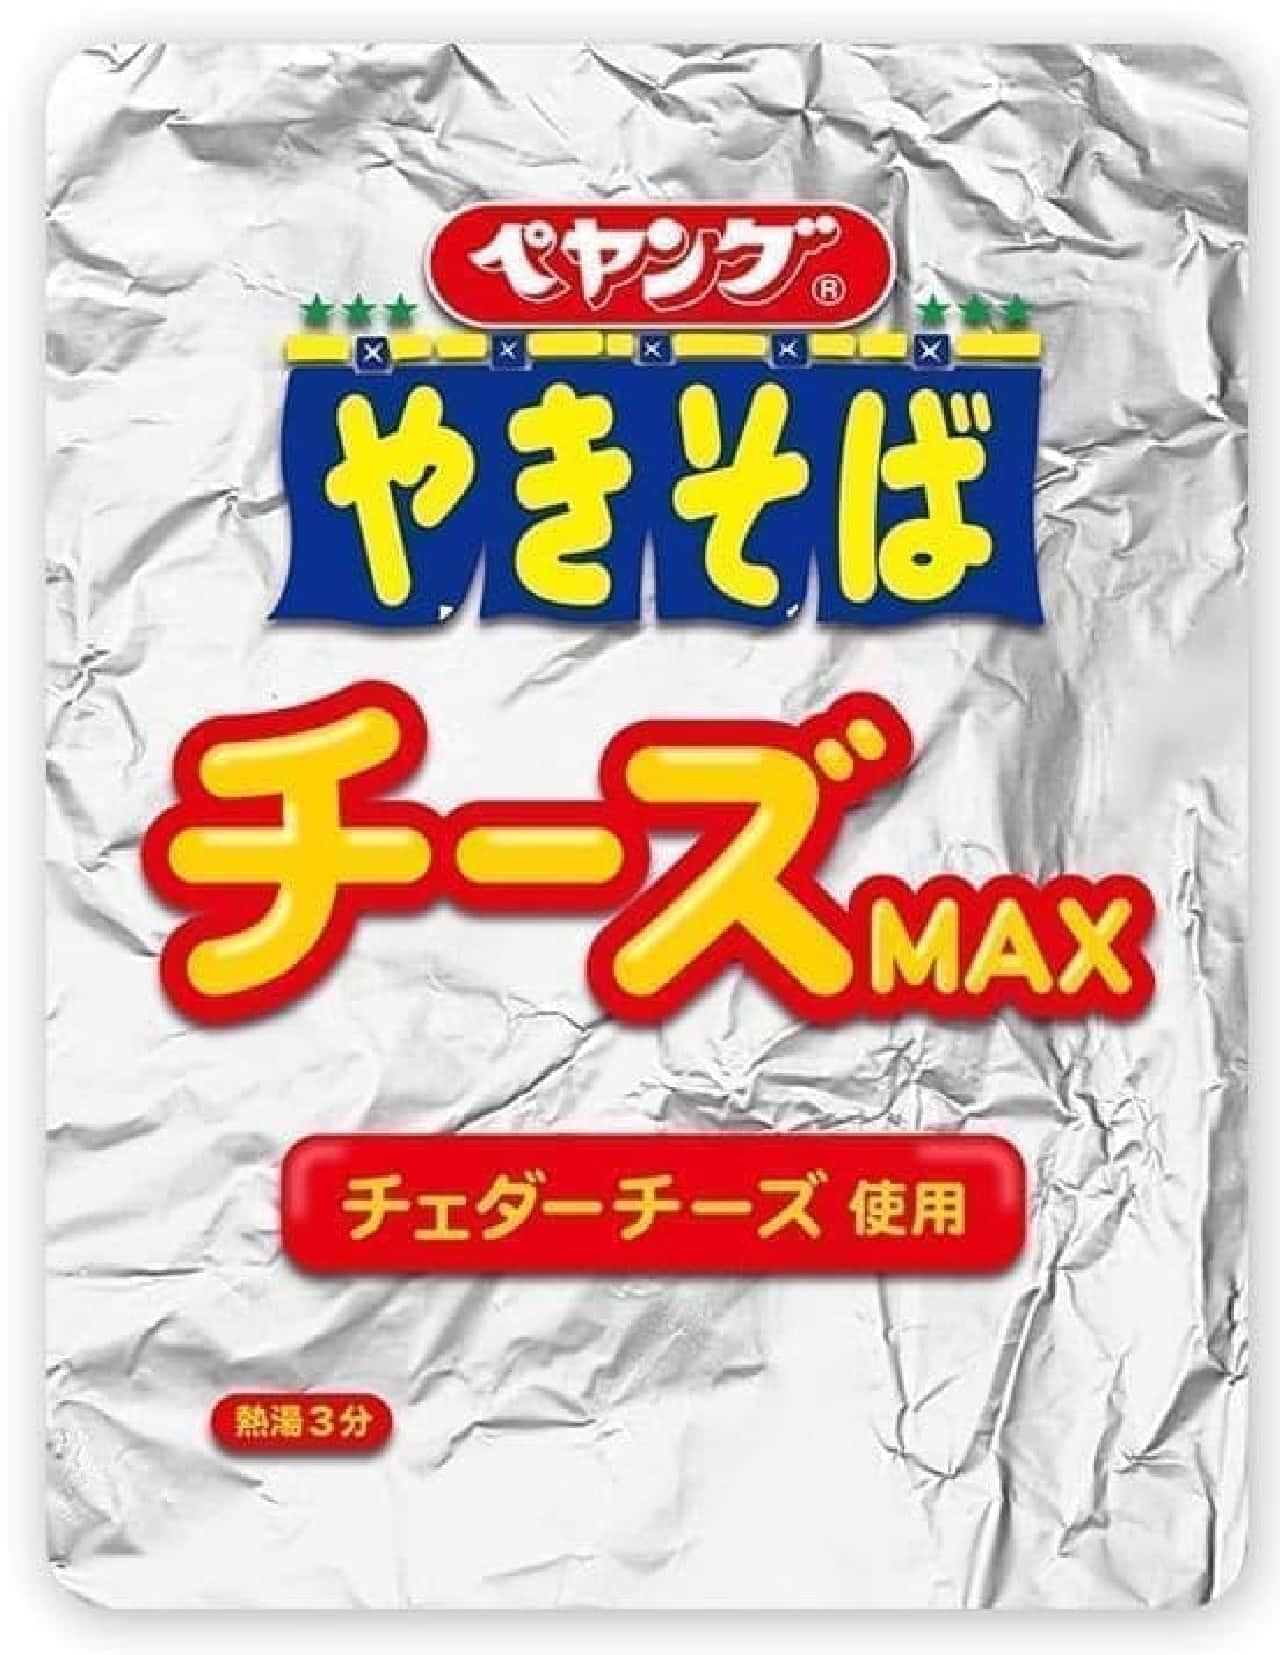 まるか食品「ペヤングチーズMAX(マックス)やきそば」